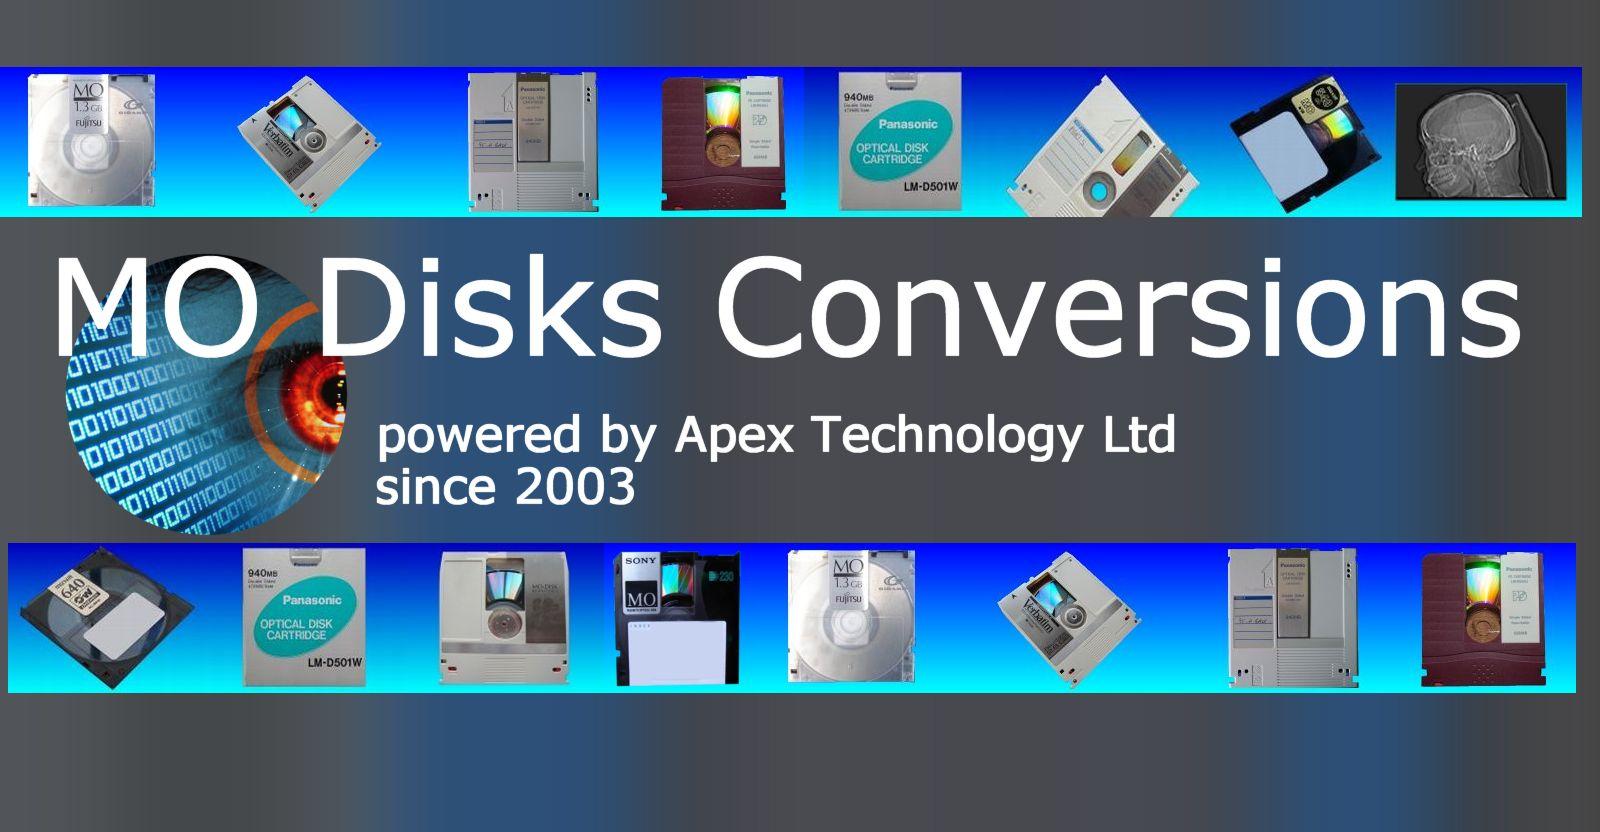 MO disk conversions